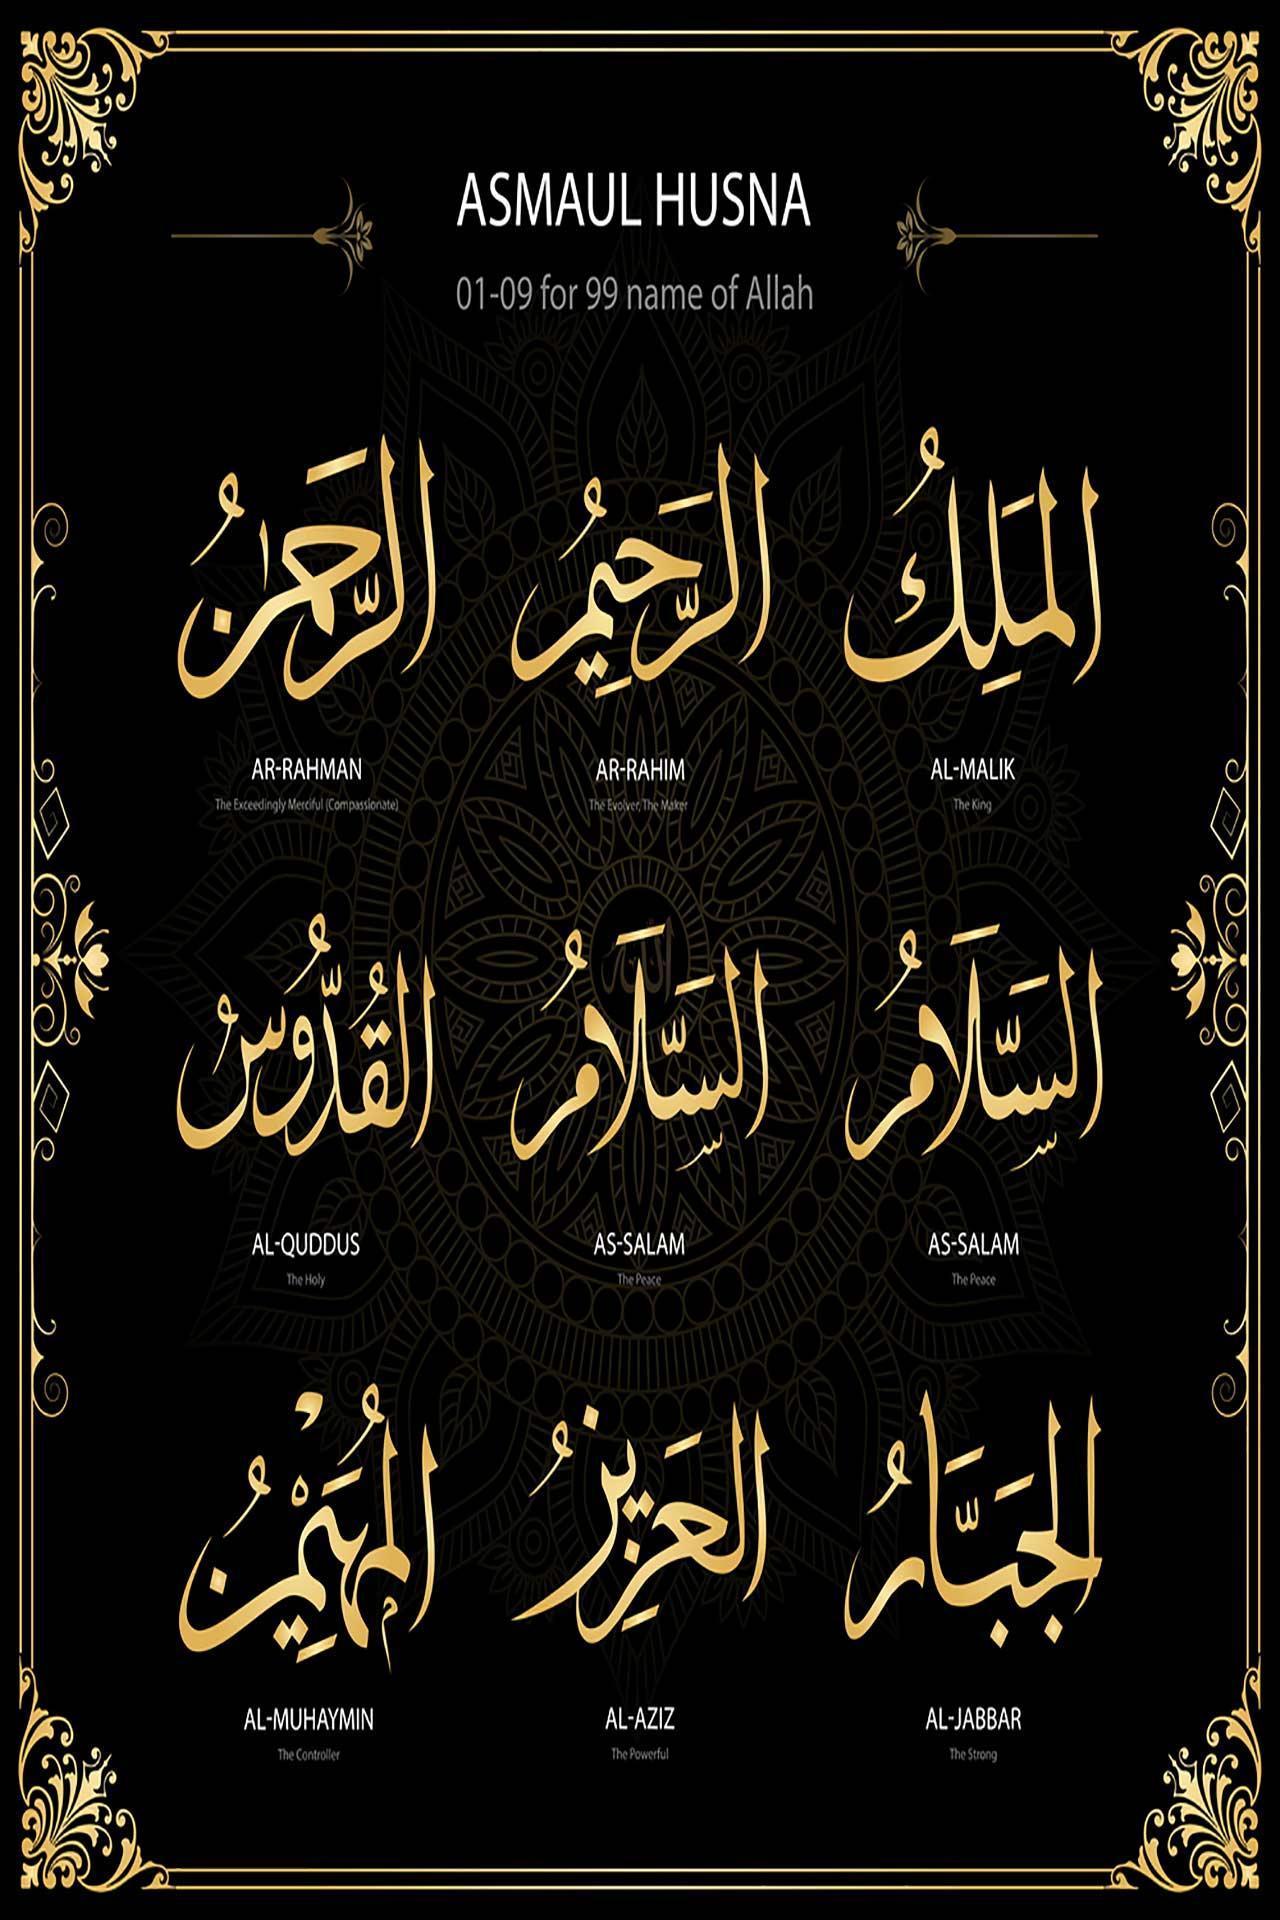 Download 840 Wallpaper Of Allah Names Gratis Terbaik